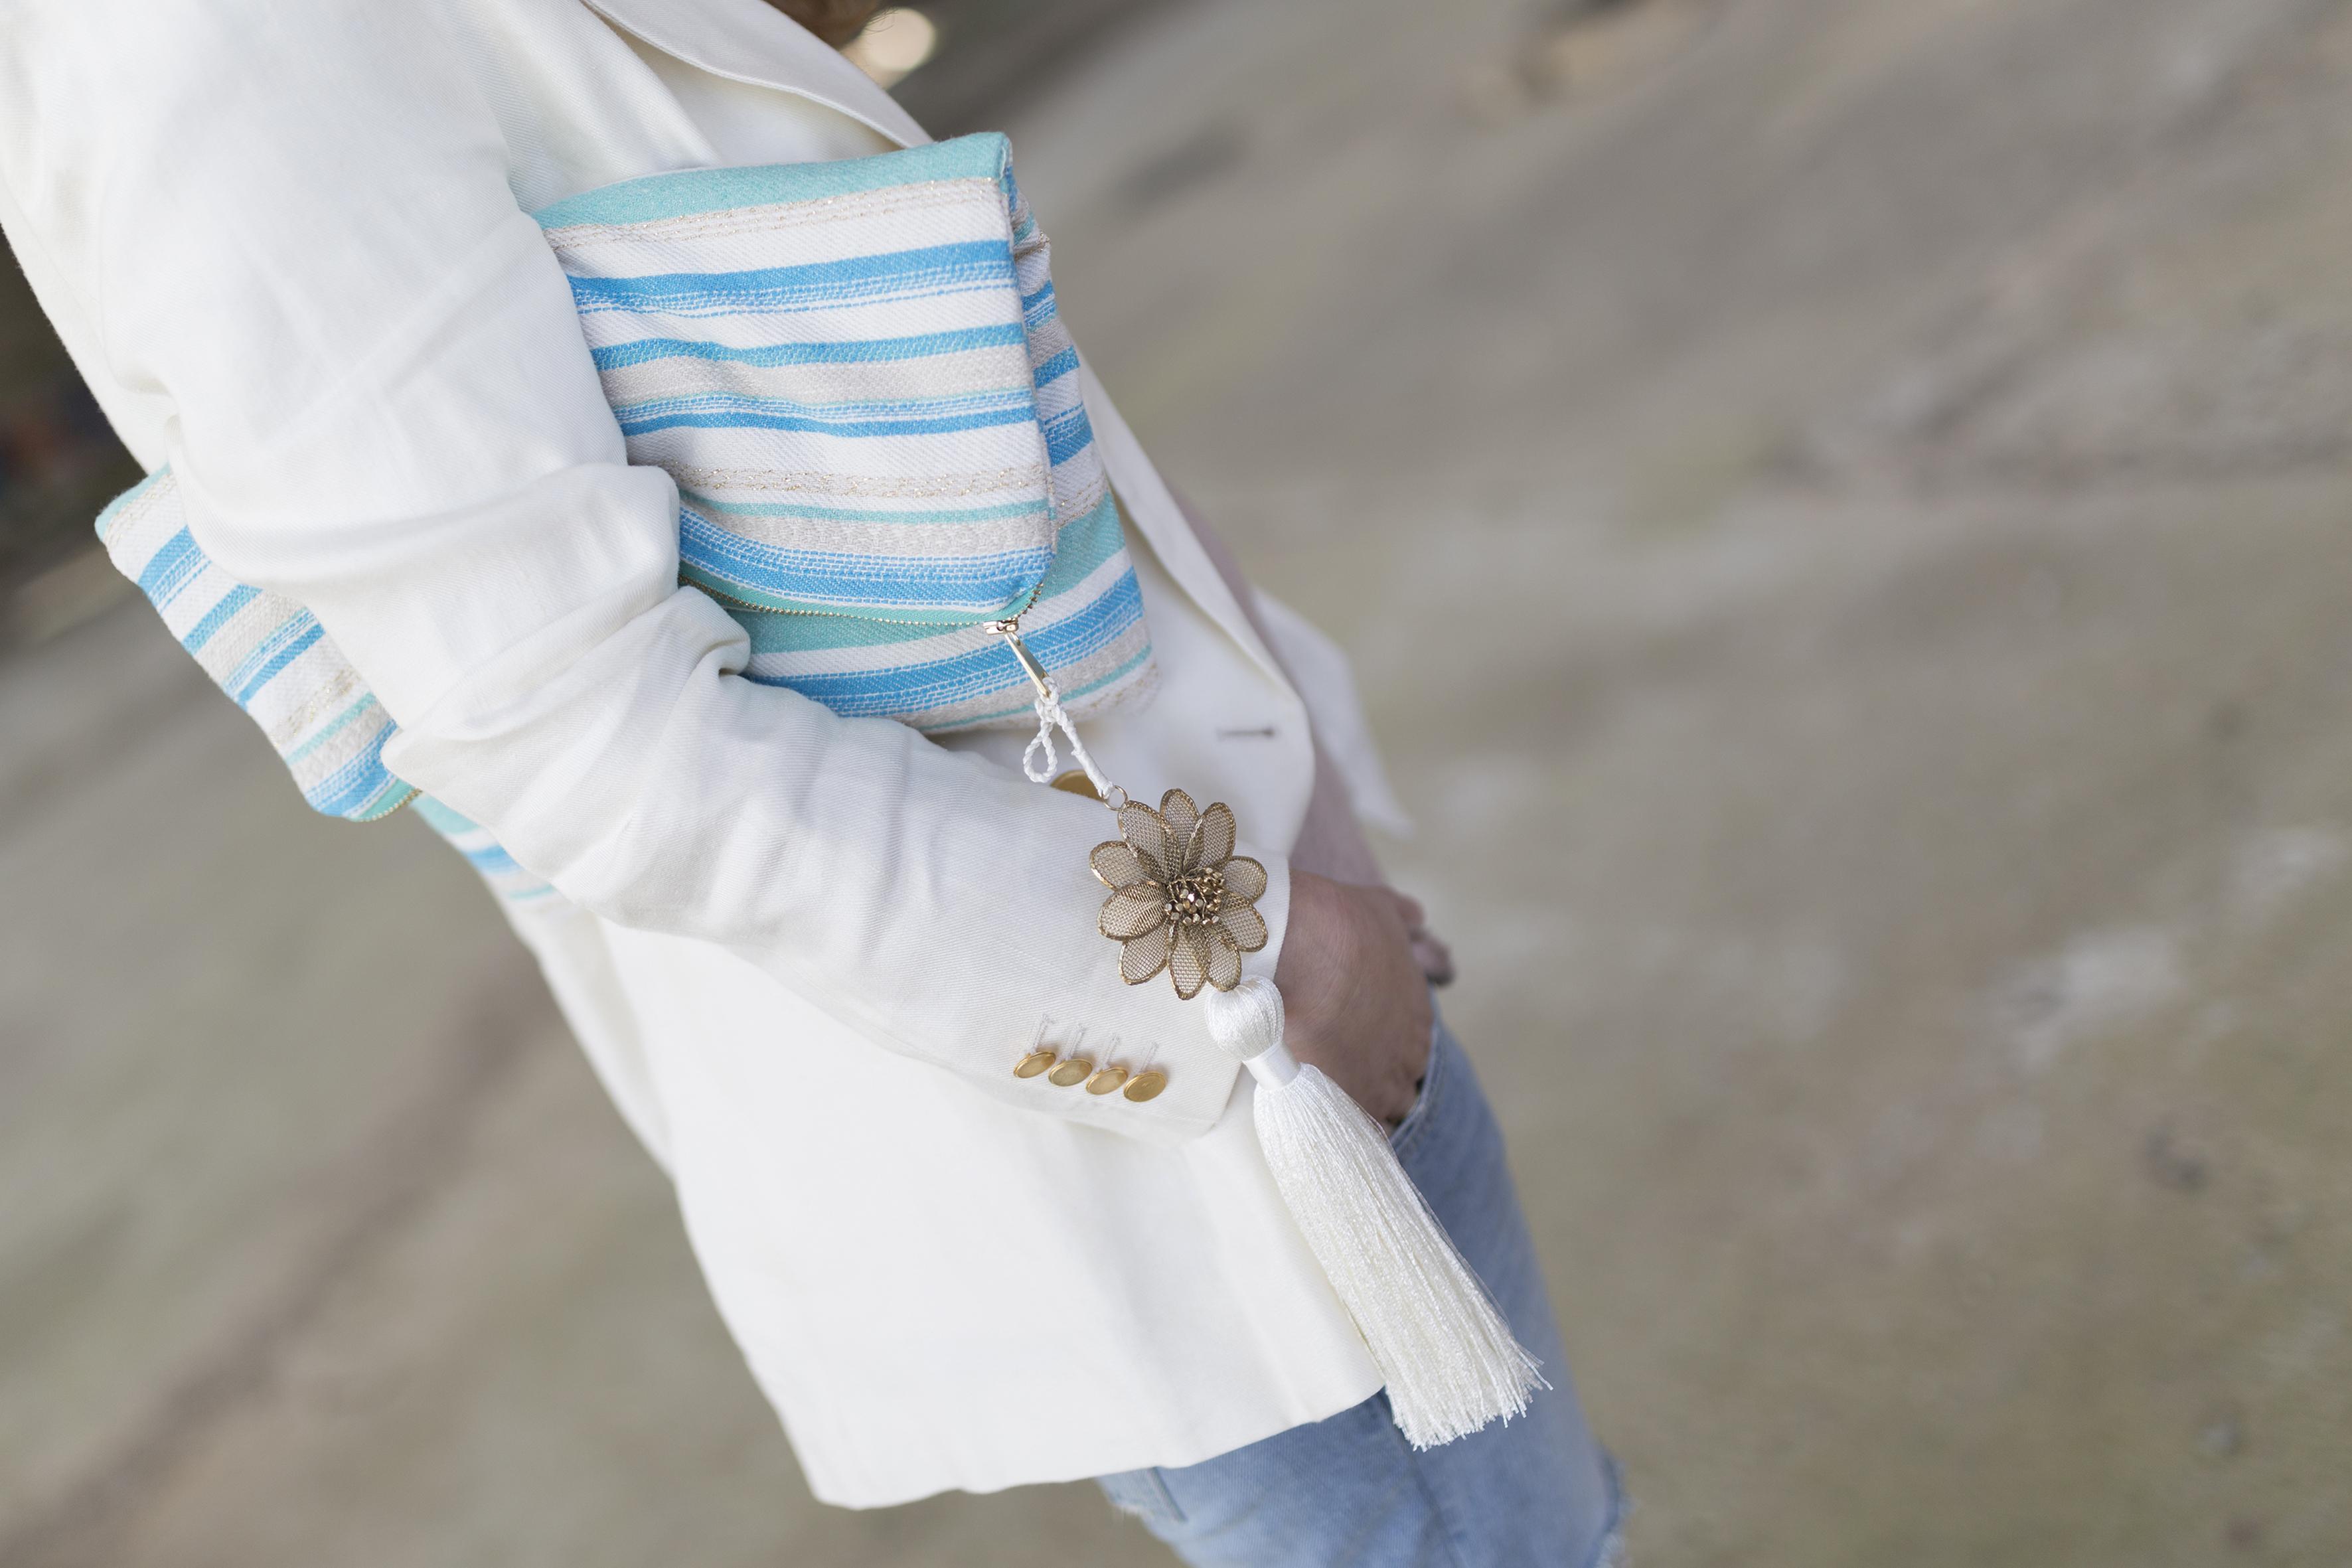 descalzaporelparque- blogger- fashion- tienda oline-Grandes esperanzas - bolso - libro - look - lo en las nubes- style